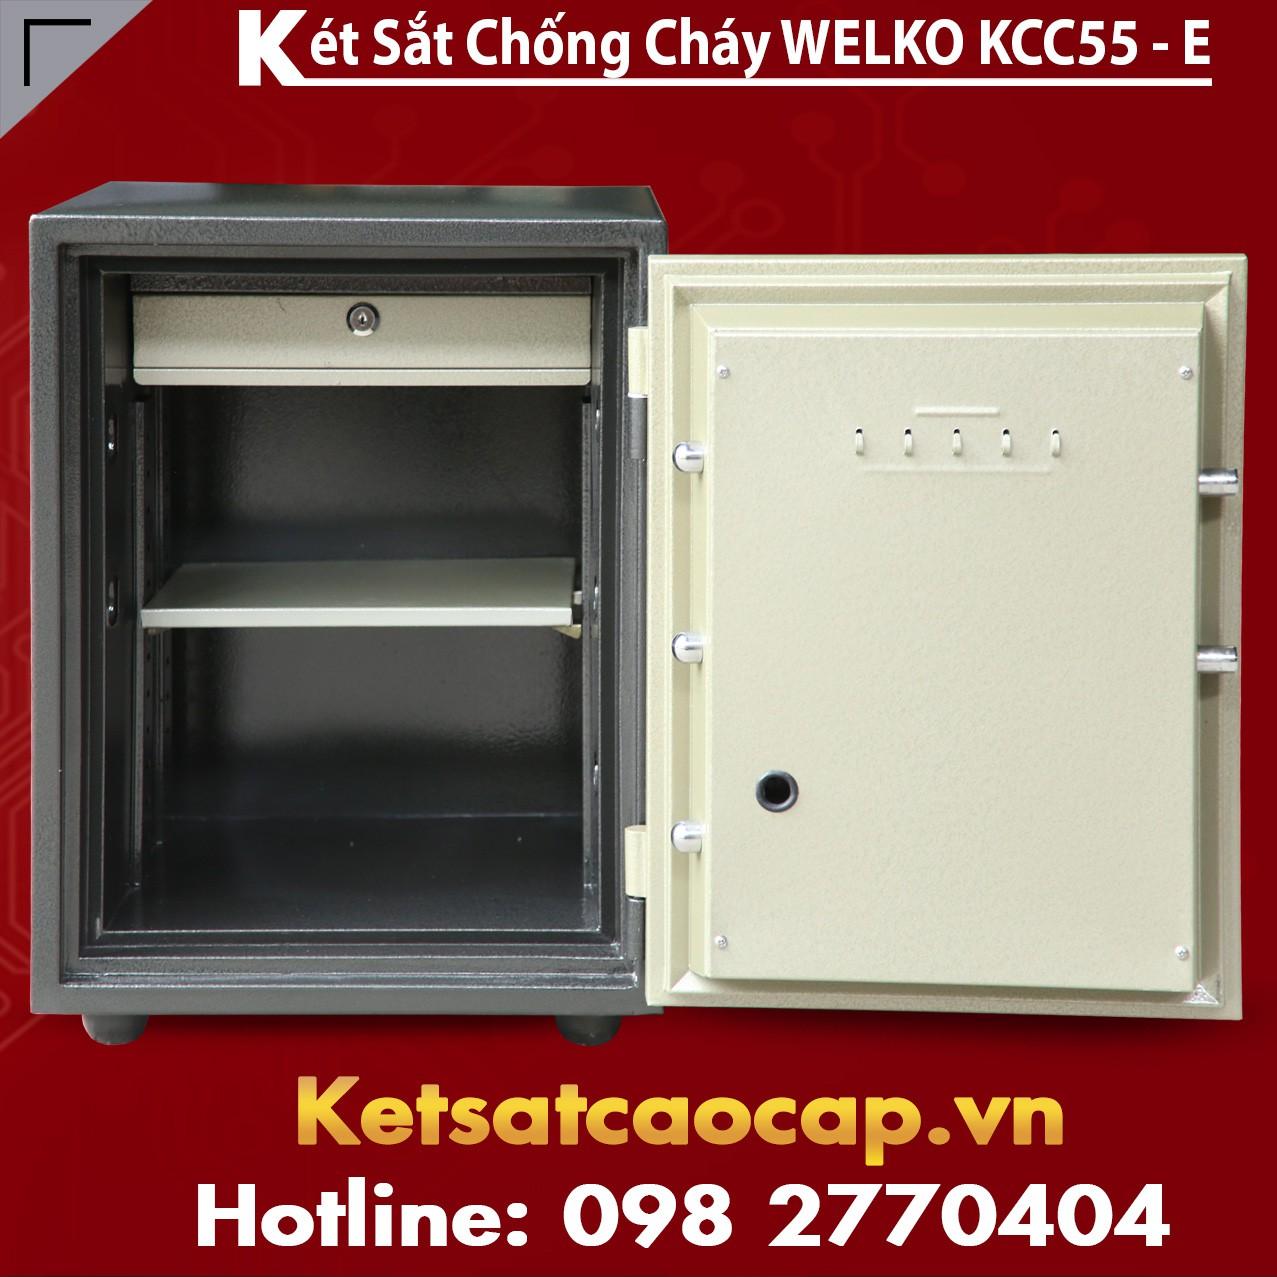 Két Sắt Chống Cháy KCC55 E - GOLD